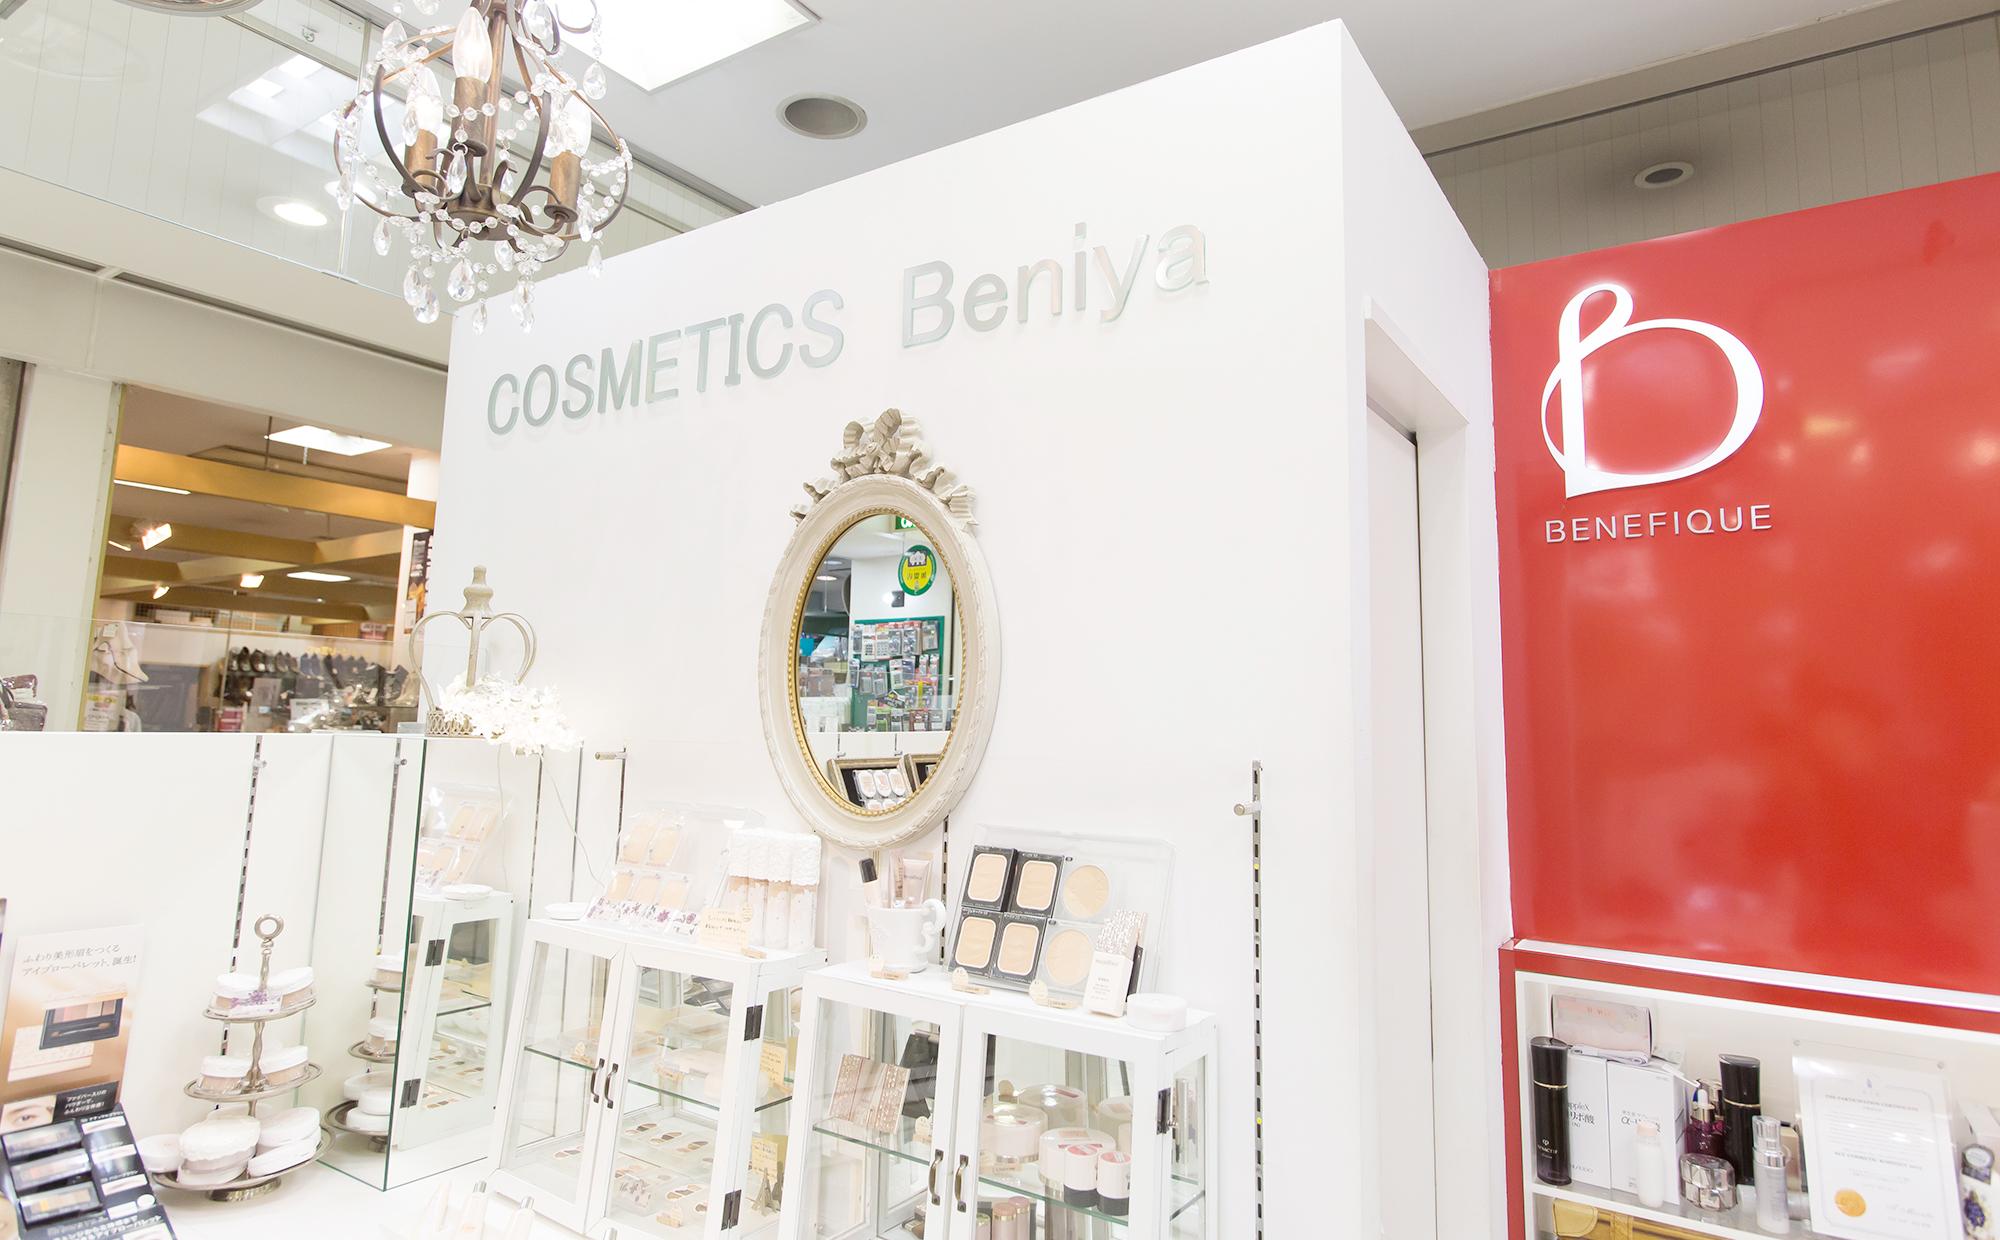 cosmetics ベニヤ6